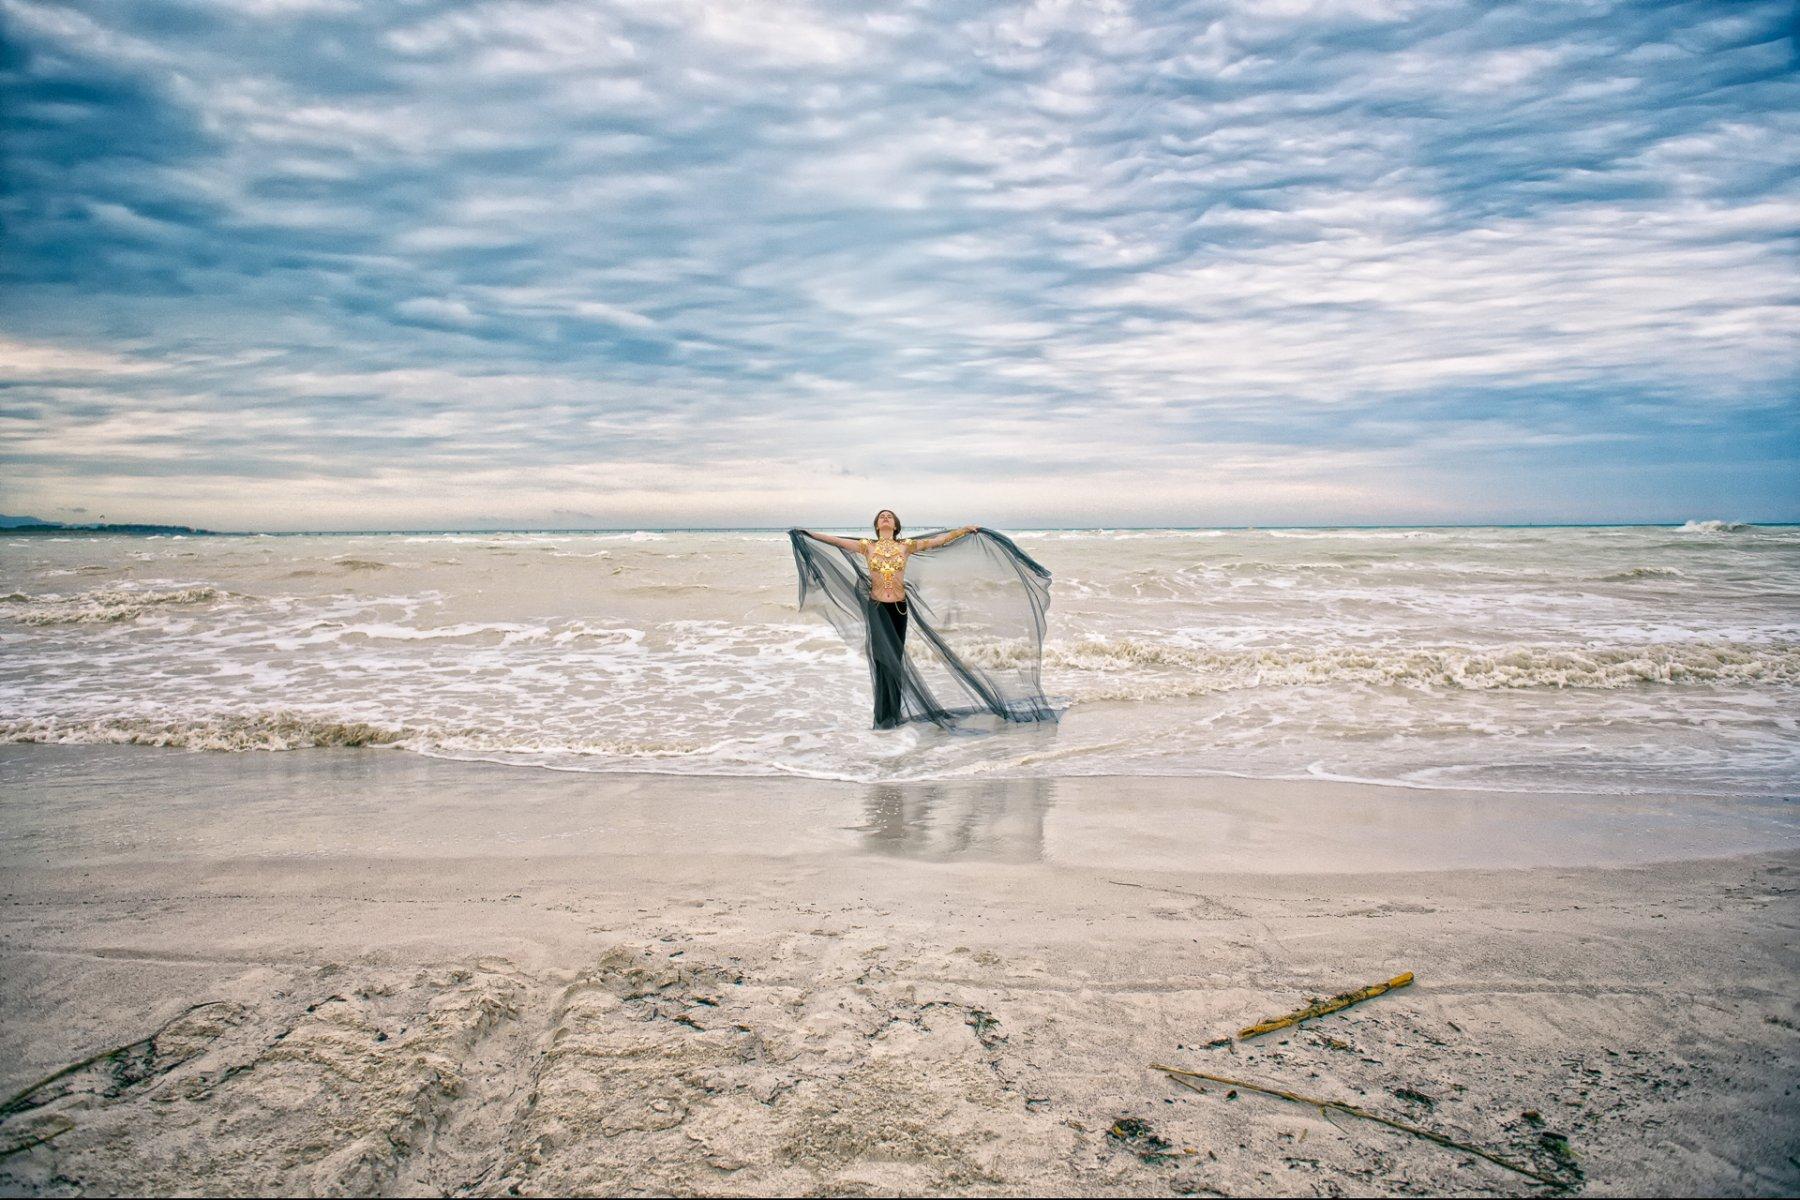 Sea-Queens-Idriss-Guelai-126 Fashion/Adv